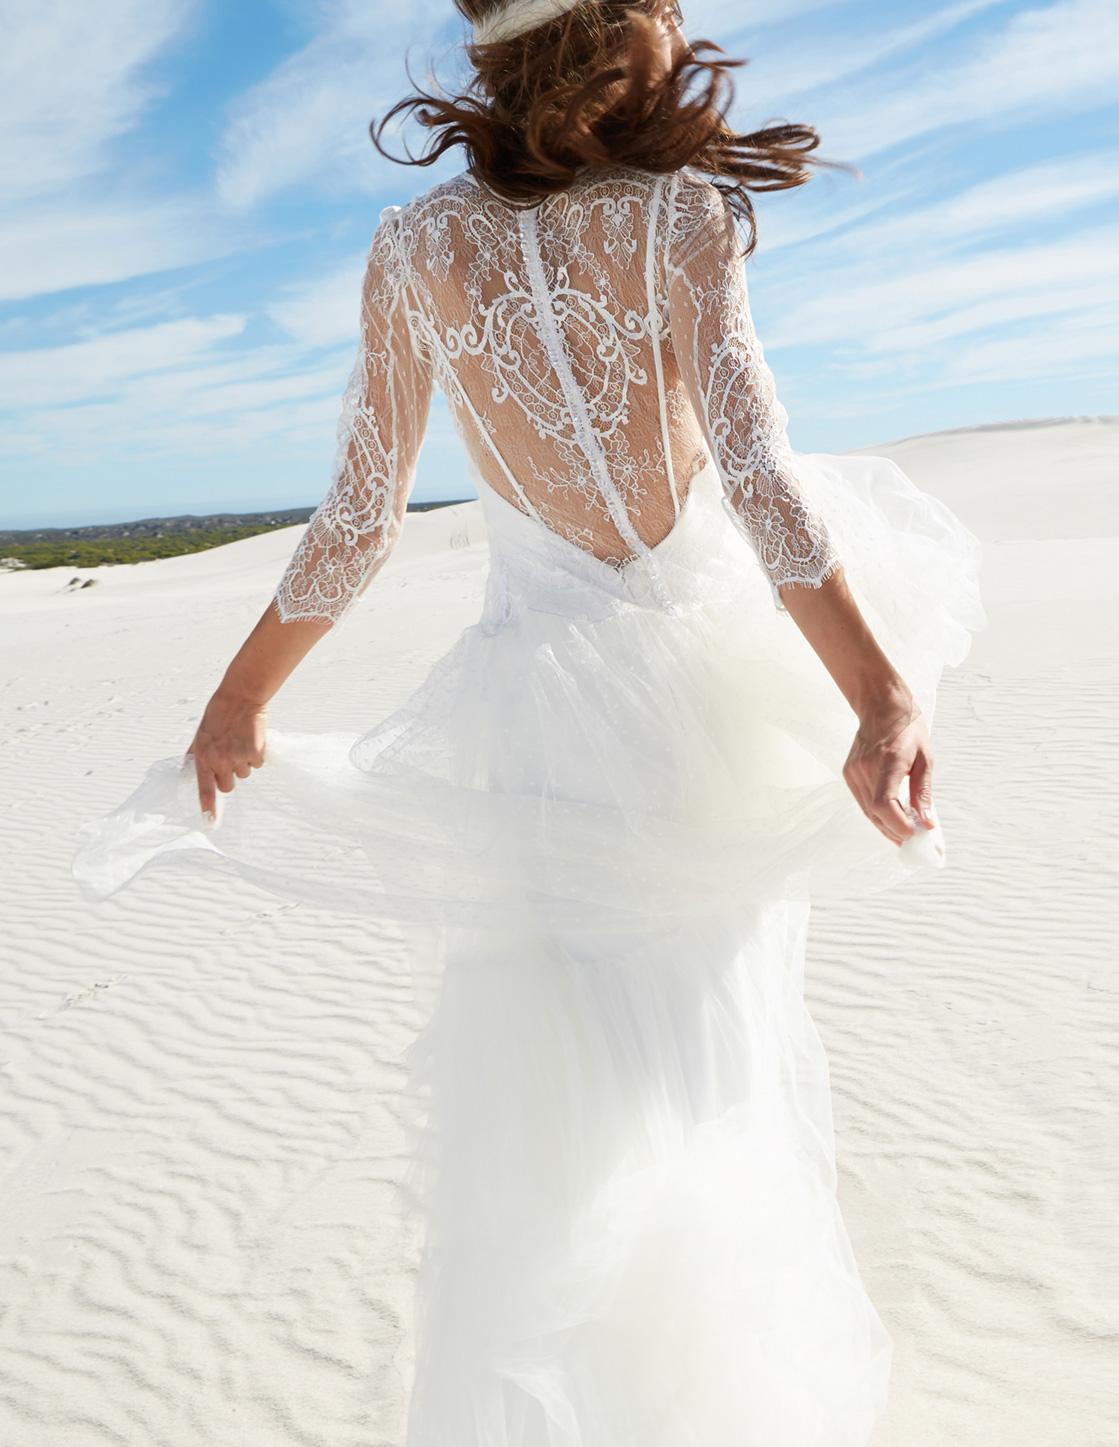 7dea3d96853f265 Свадьба на пляже: образ для невесты - Разное - Свадебные статьи ...